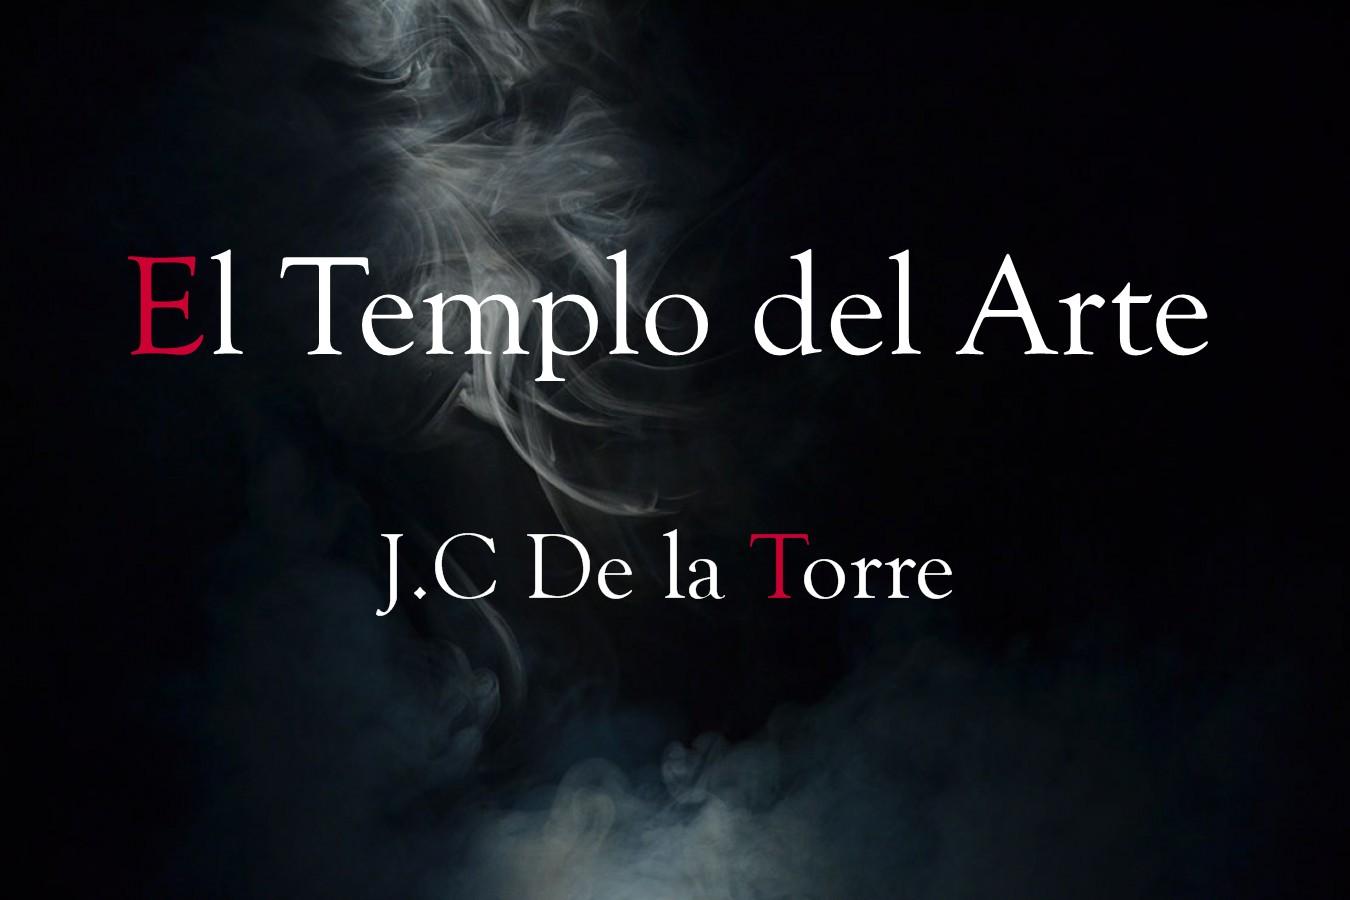 El Templo del Arte